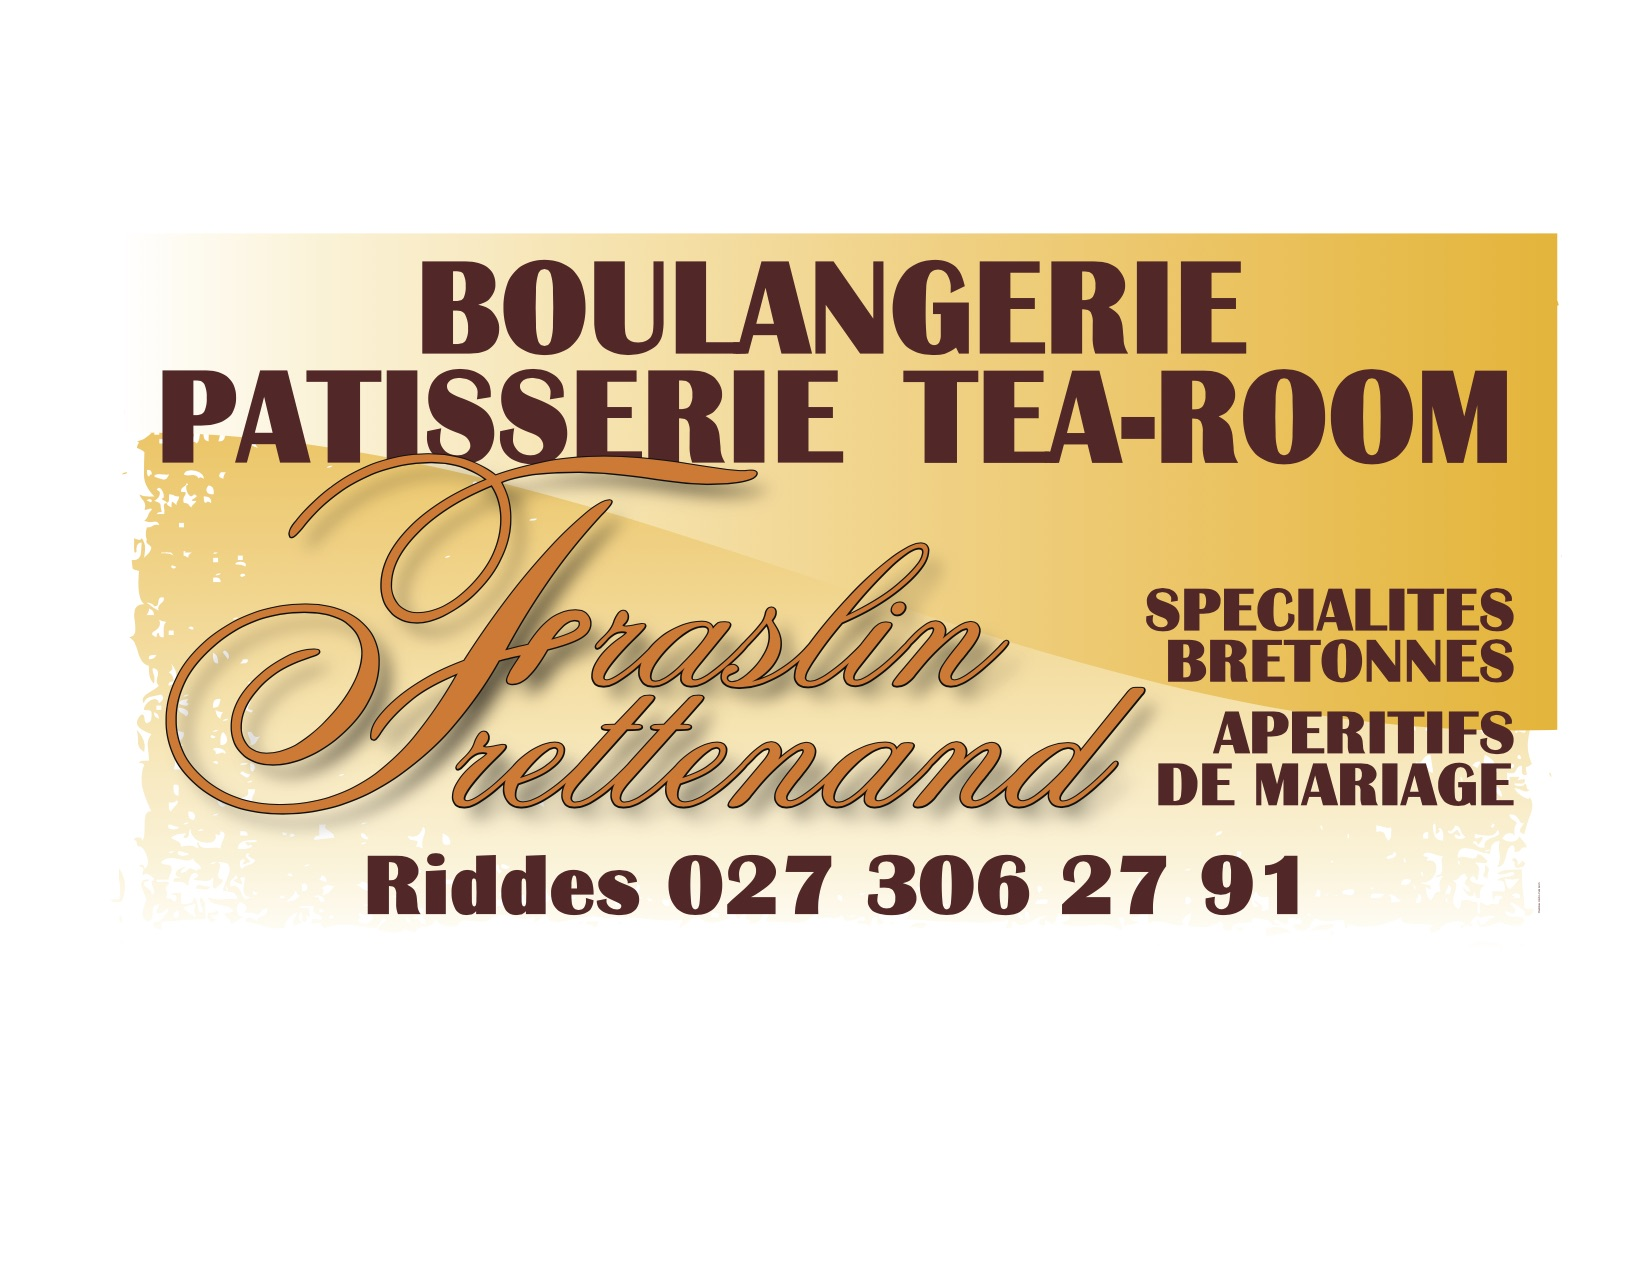 Mjm Fraslin Boulangerie Bache